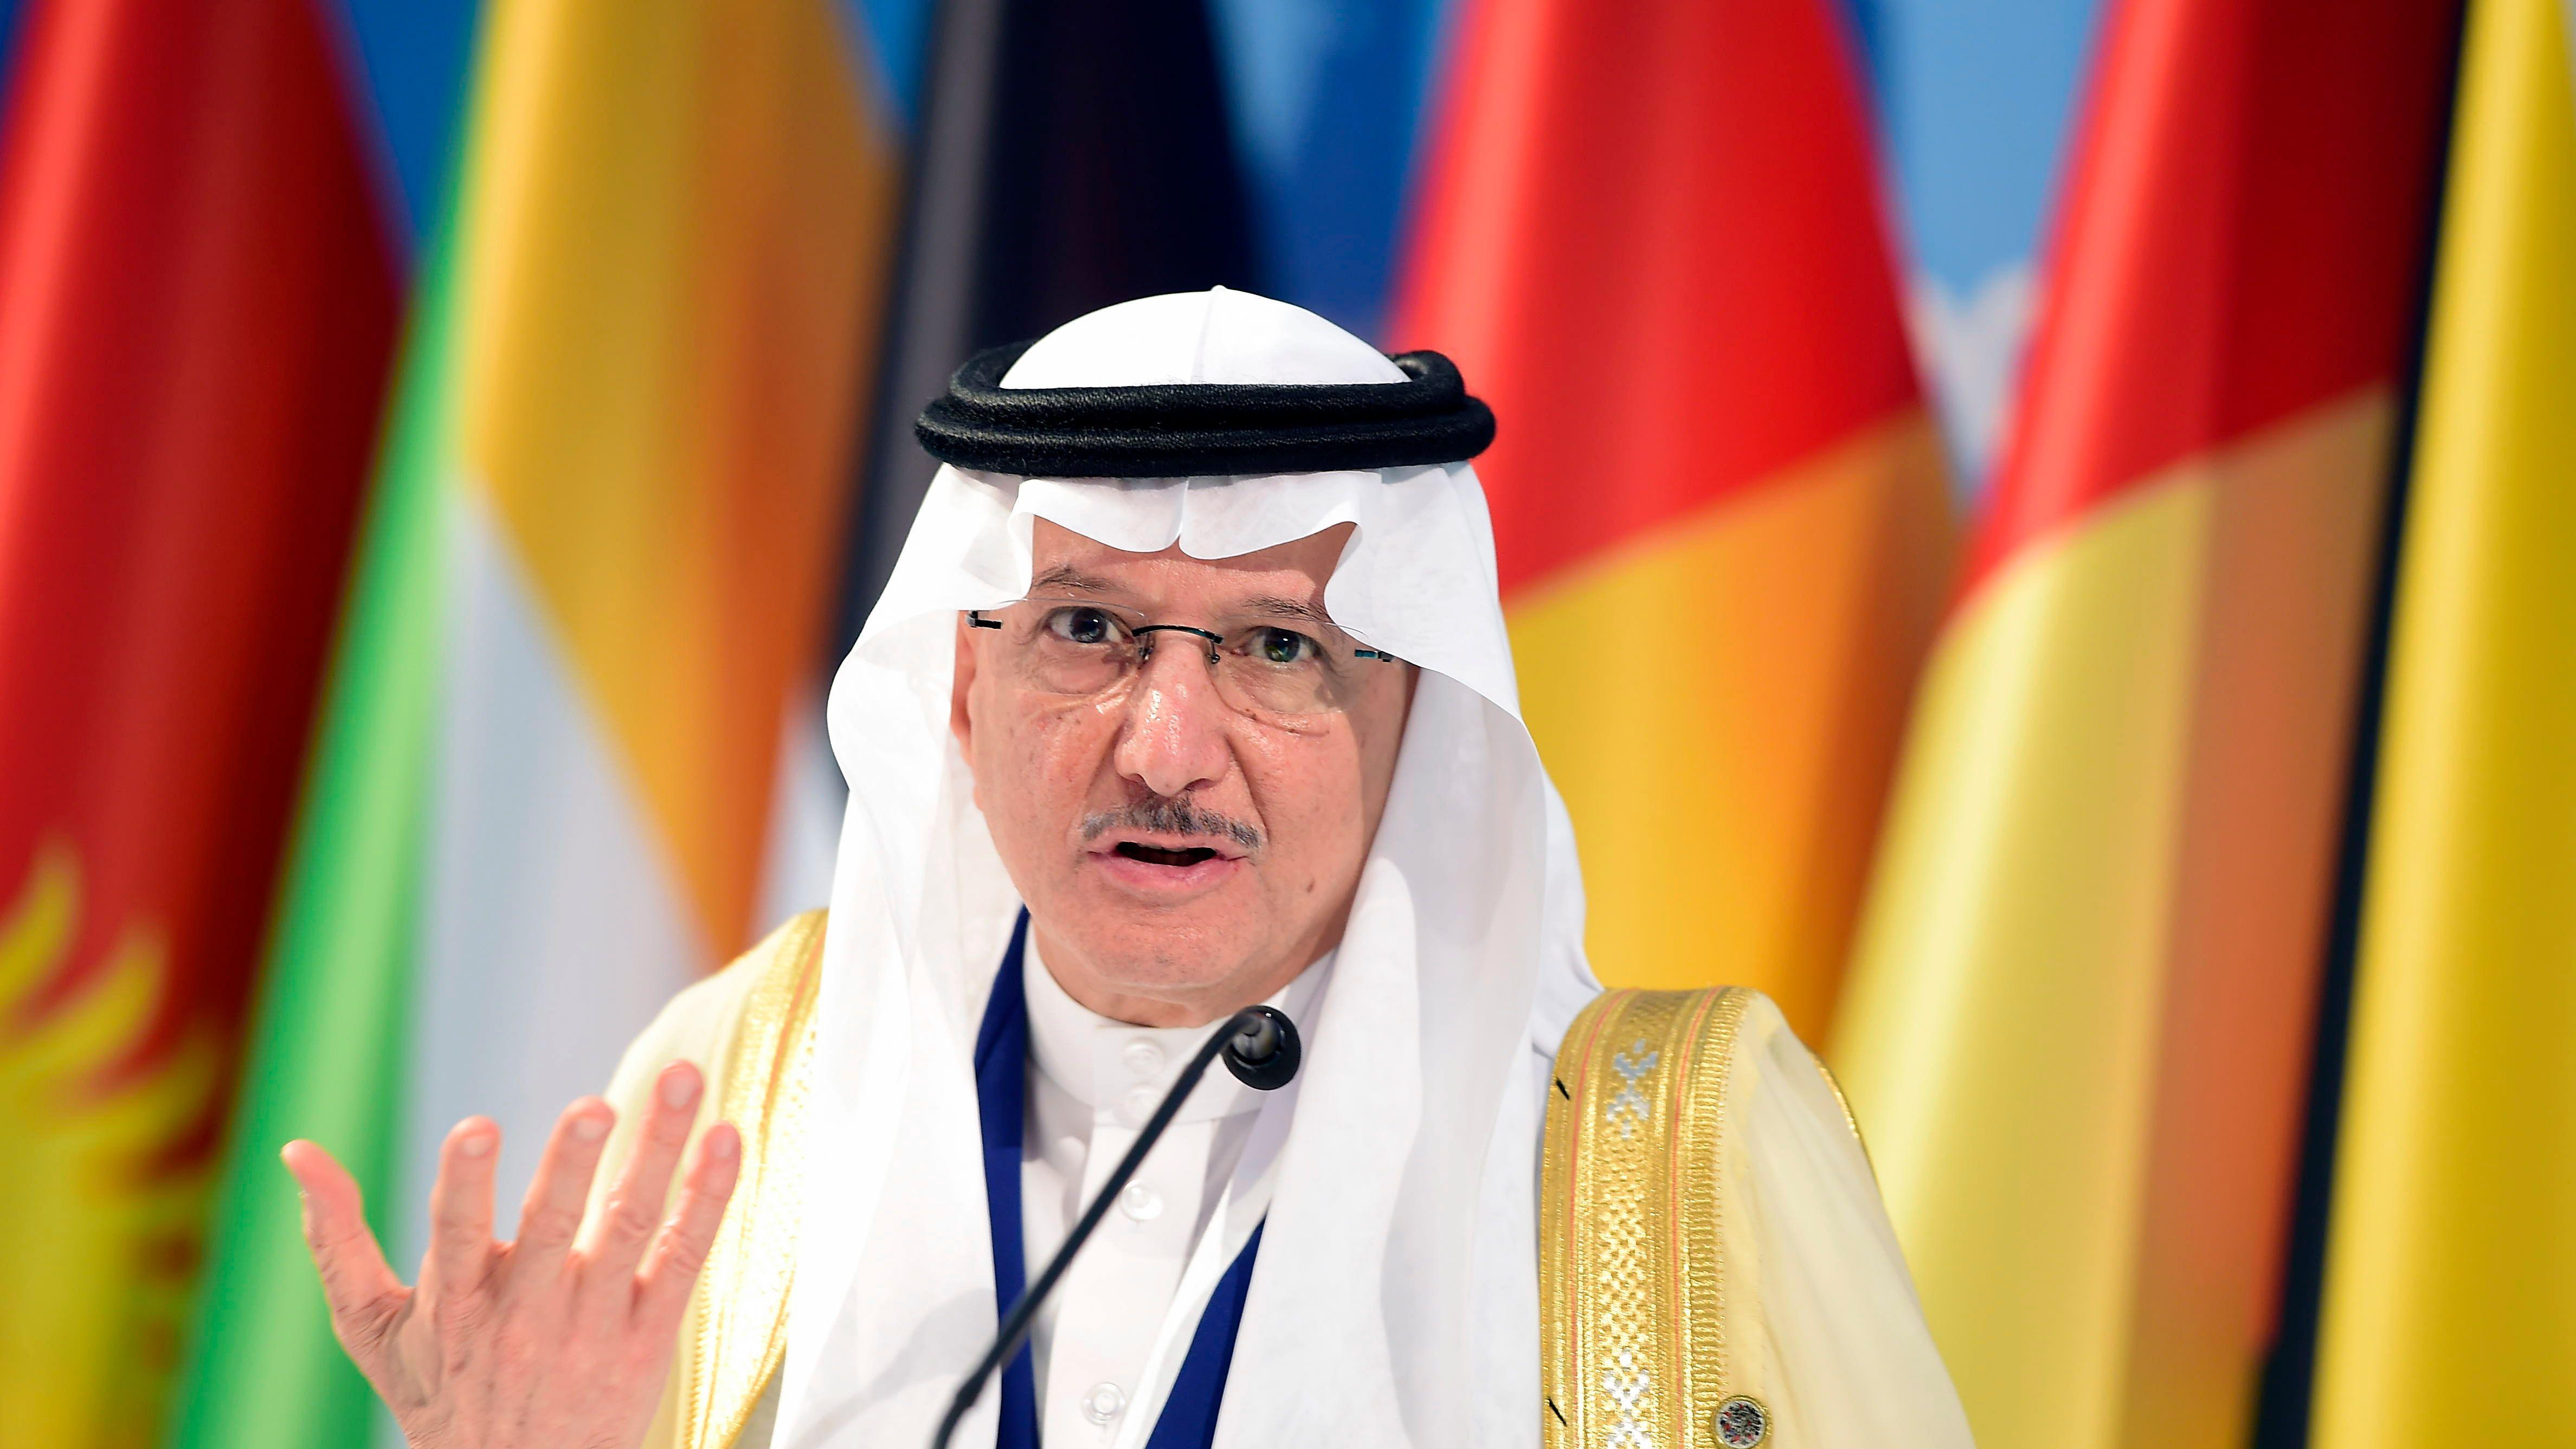 Zahlreiche Staaten fordern Maßnahmen gegen Islamfeindlichkeit